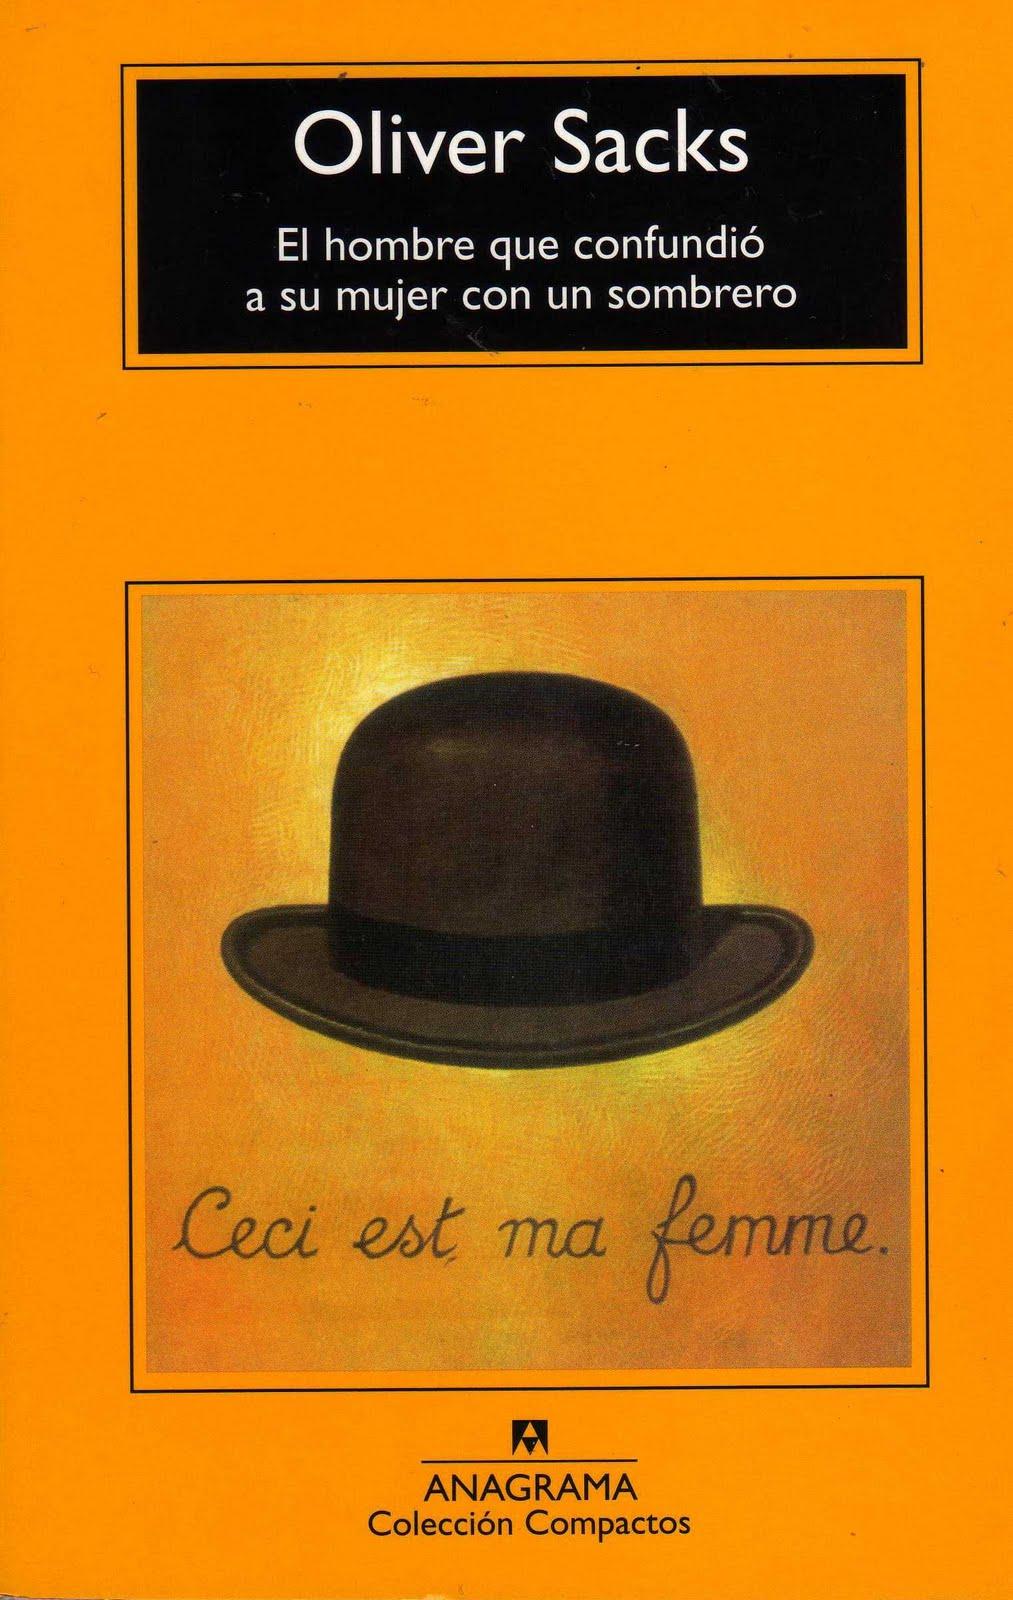 El Hombre Que Confundió a Su Mujer Con Un Sombrero – Oliver Sacks